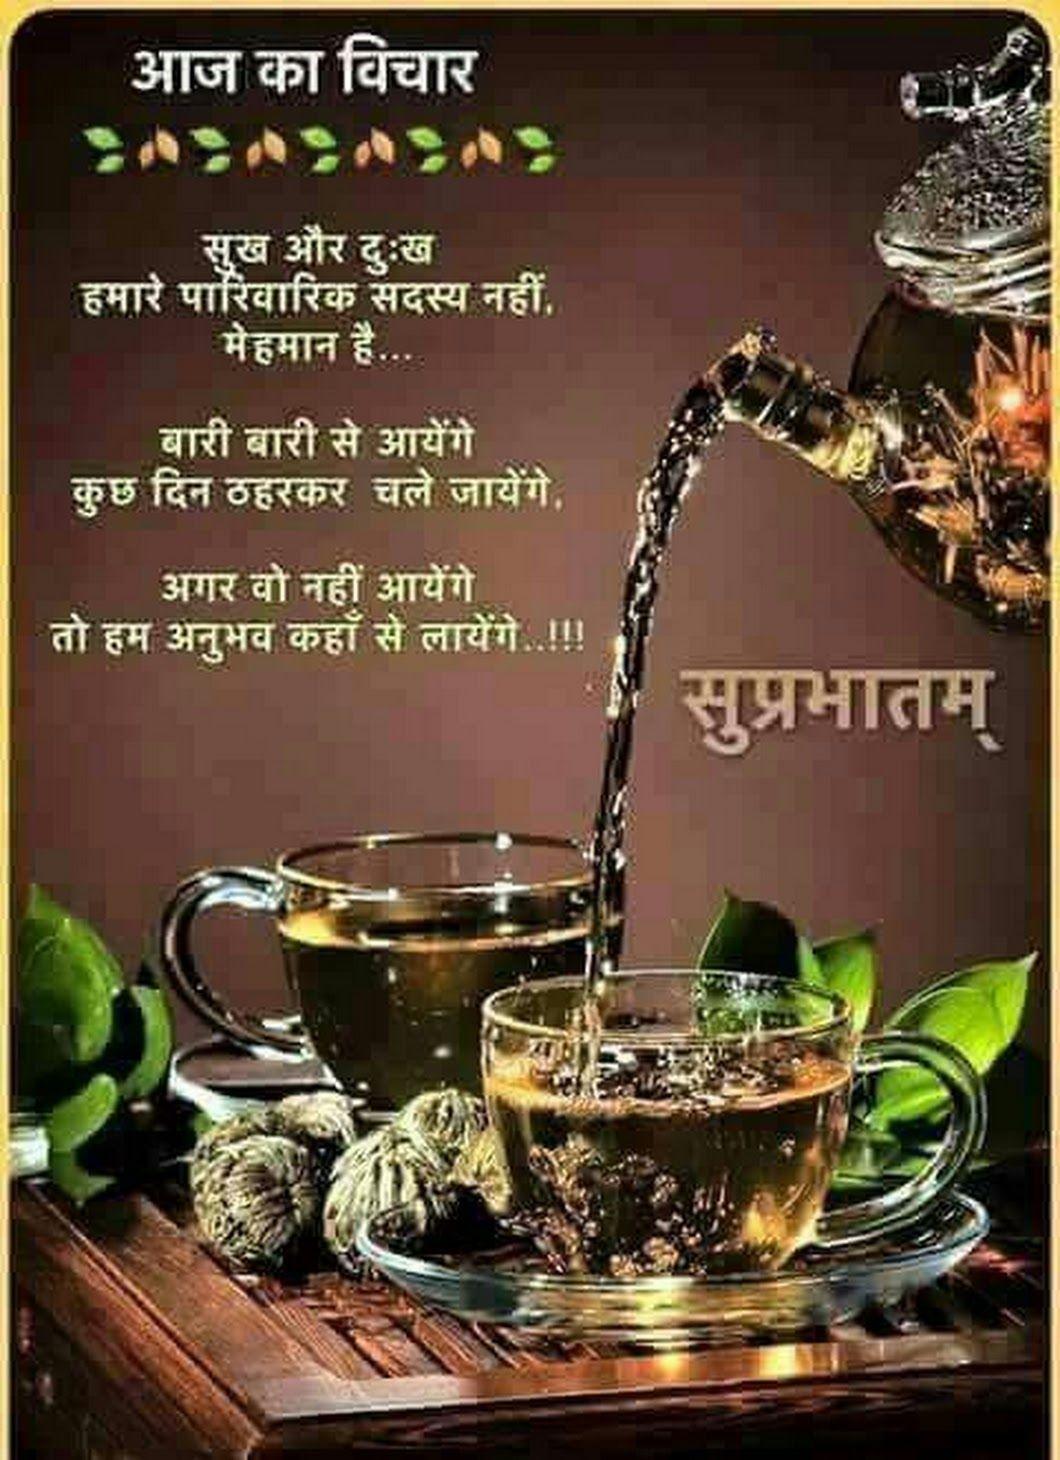 Gm - Jyoti Dasan - Google+   Morning images in hindi ...